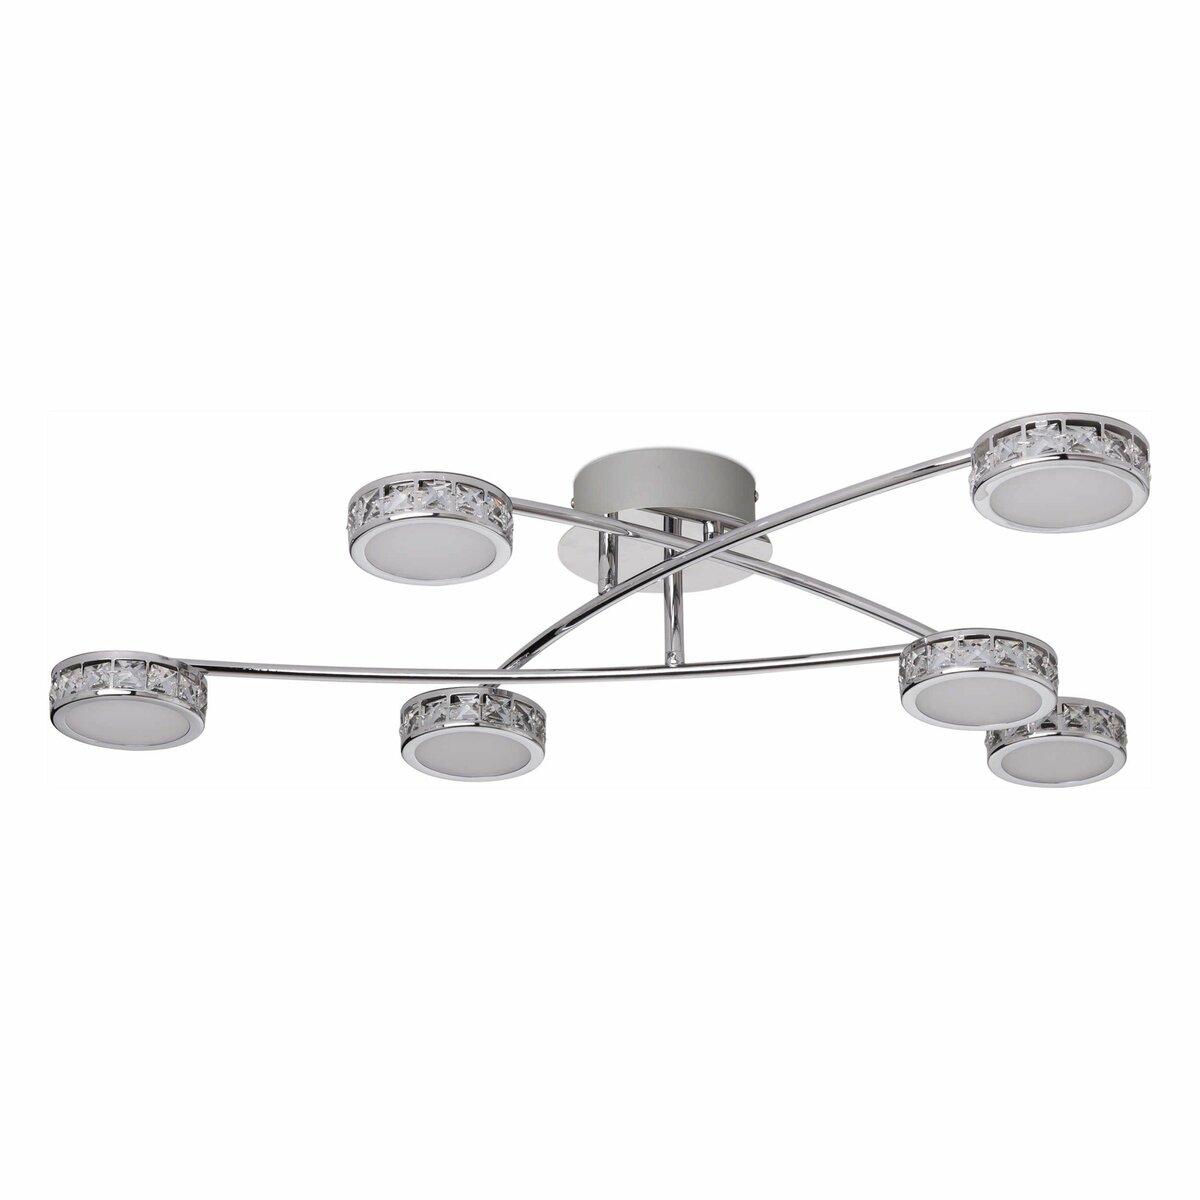 Bild 3 von DesignLive LED-Deckenleuchte   Perico